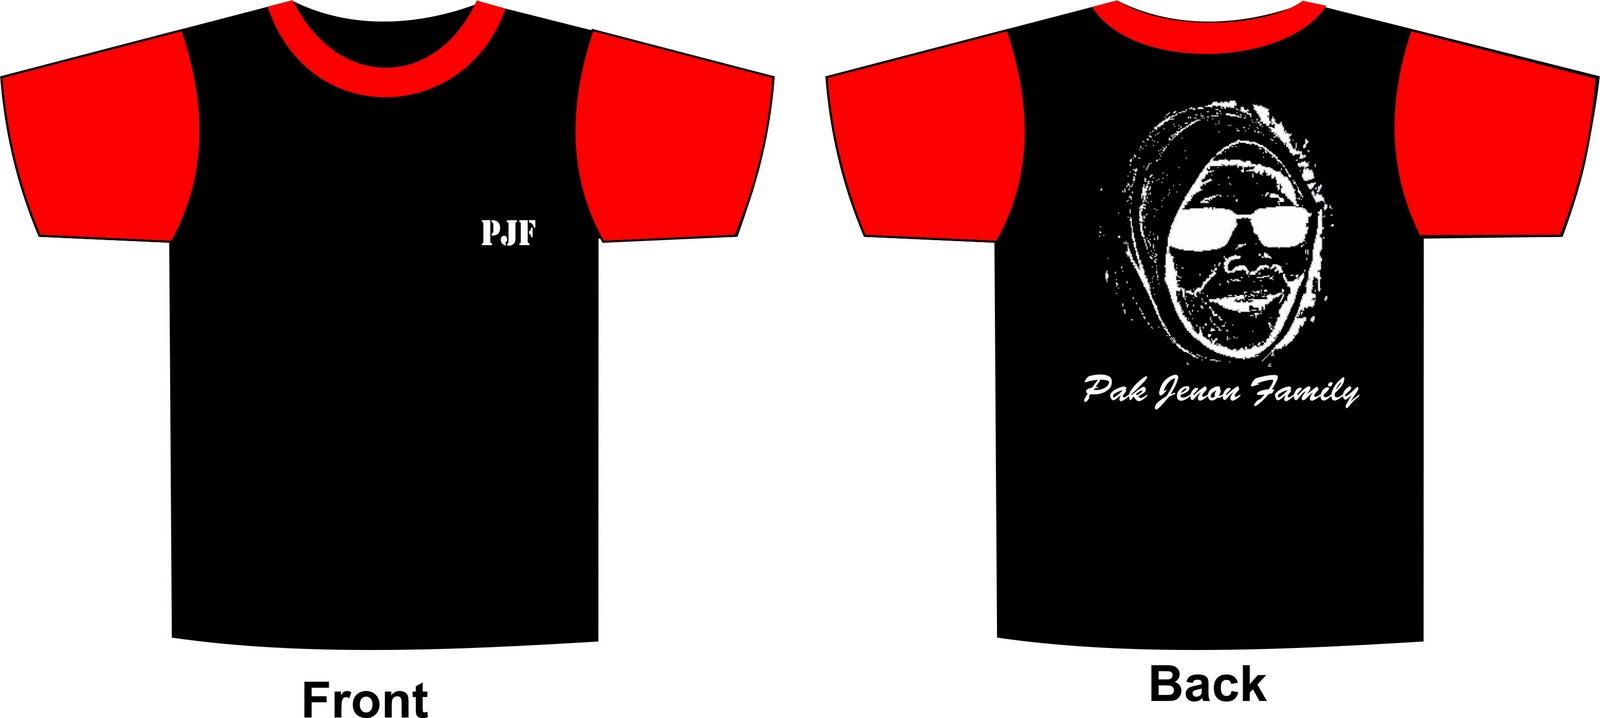 Contoh Design Baju t-shirt | Intelecashop